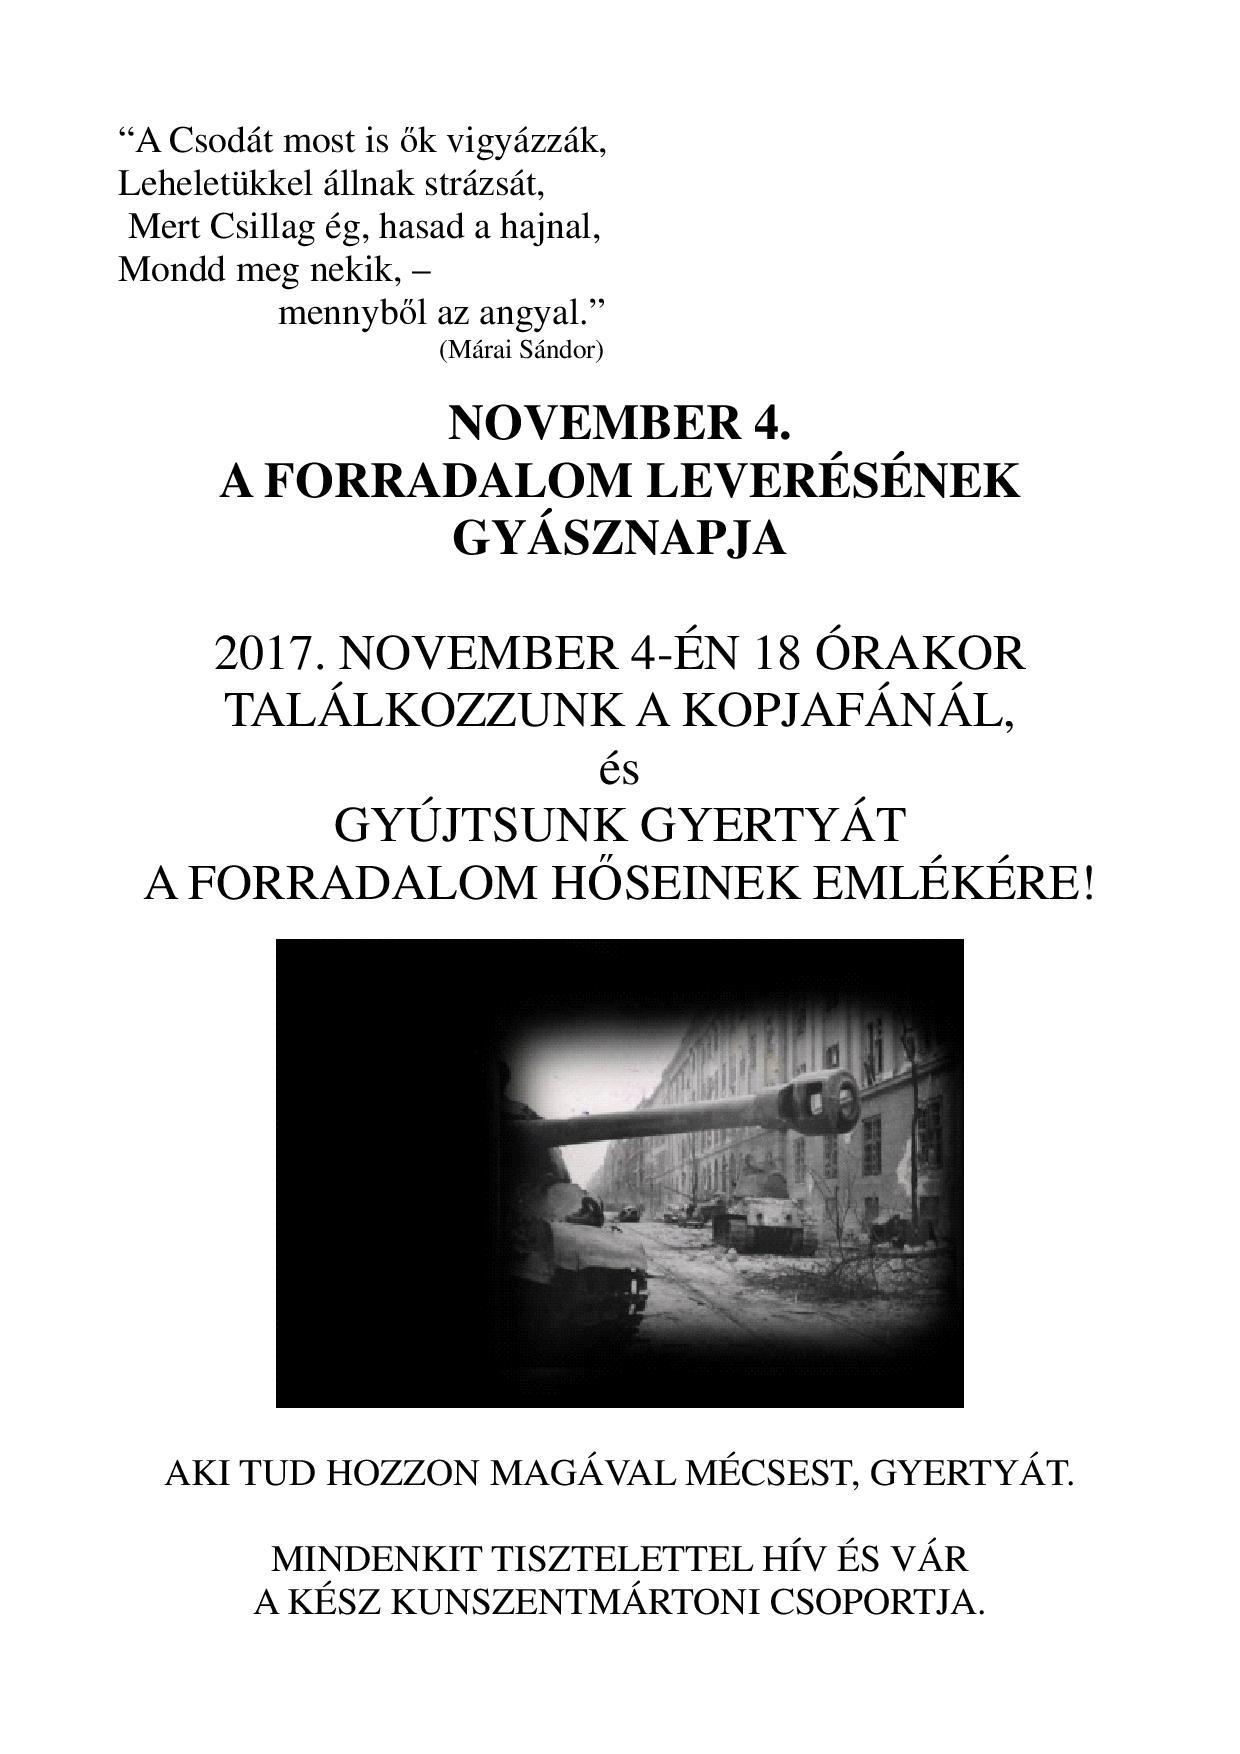 GYERTYAGYÚJTÁS NOV 4-001